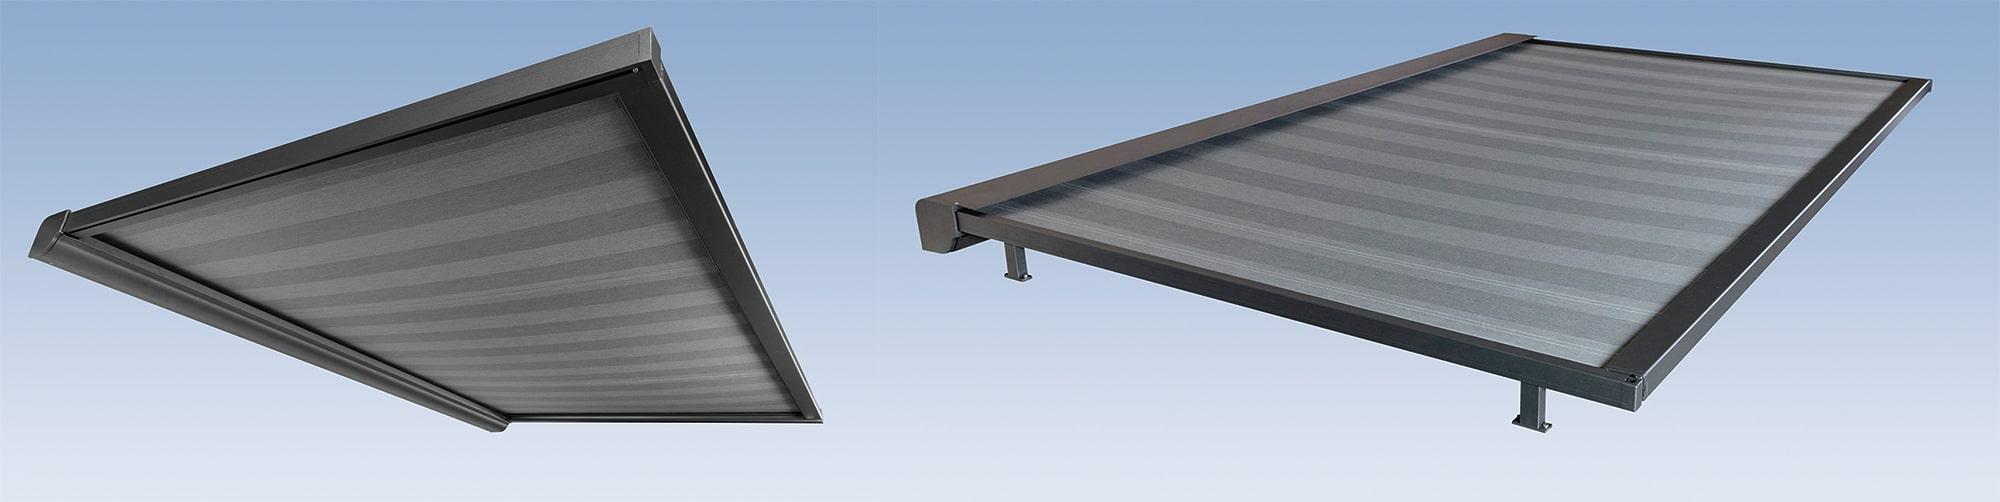 Terrassenüberdachungen - Unter auf Glasmarkise